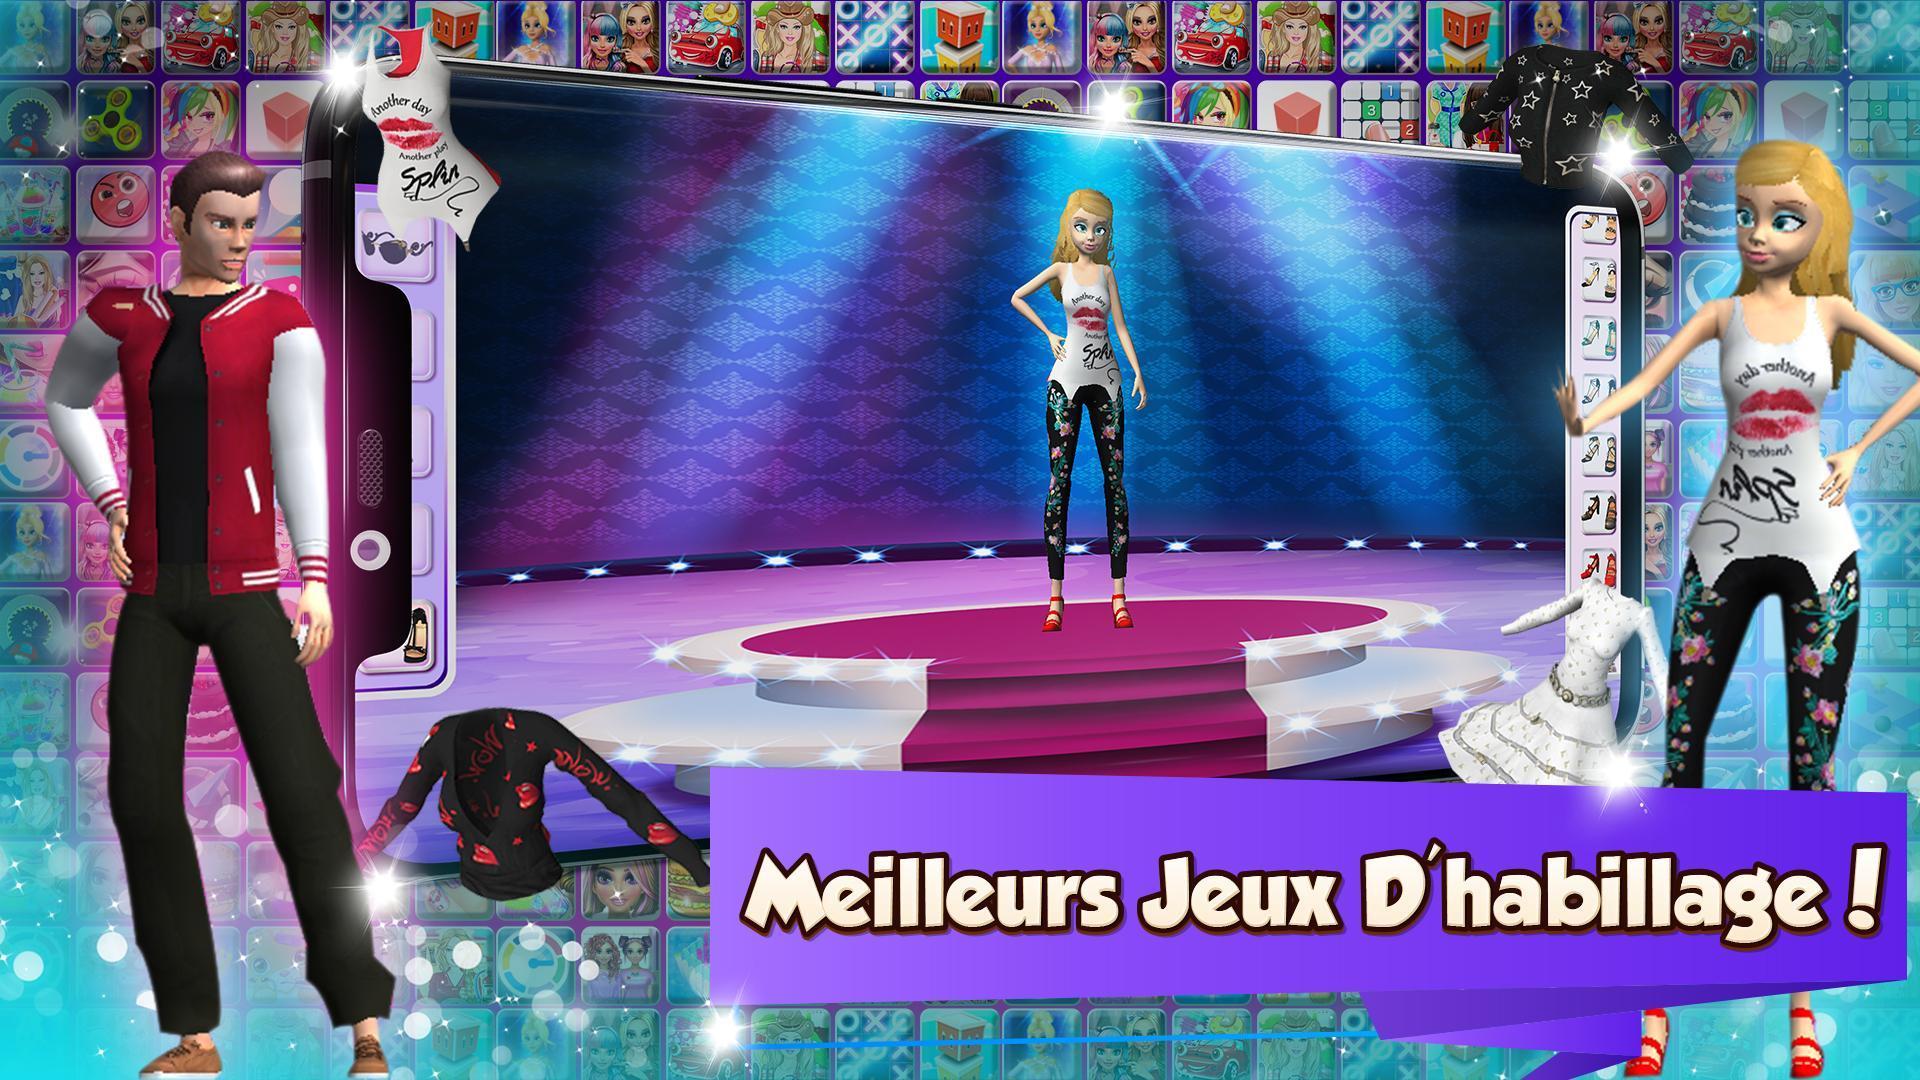 Minobi Jeux Pour Filles - Hors Ligne Gratuit Pour Android encequiconcerne Jeux Gratuits Pour Les Filles